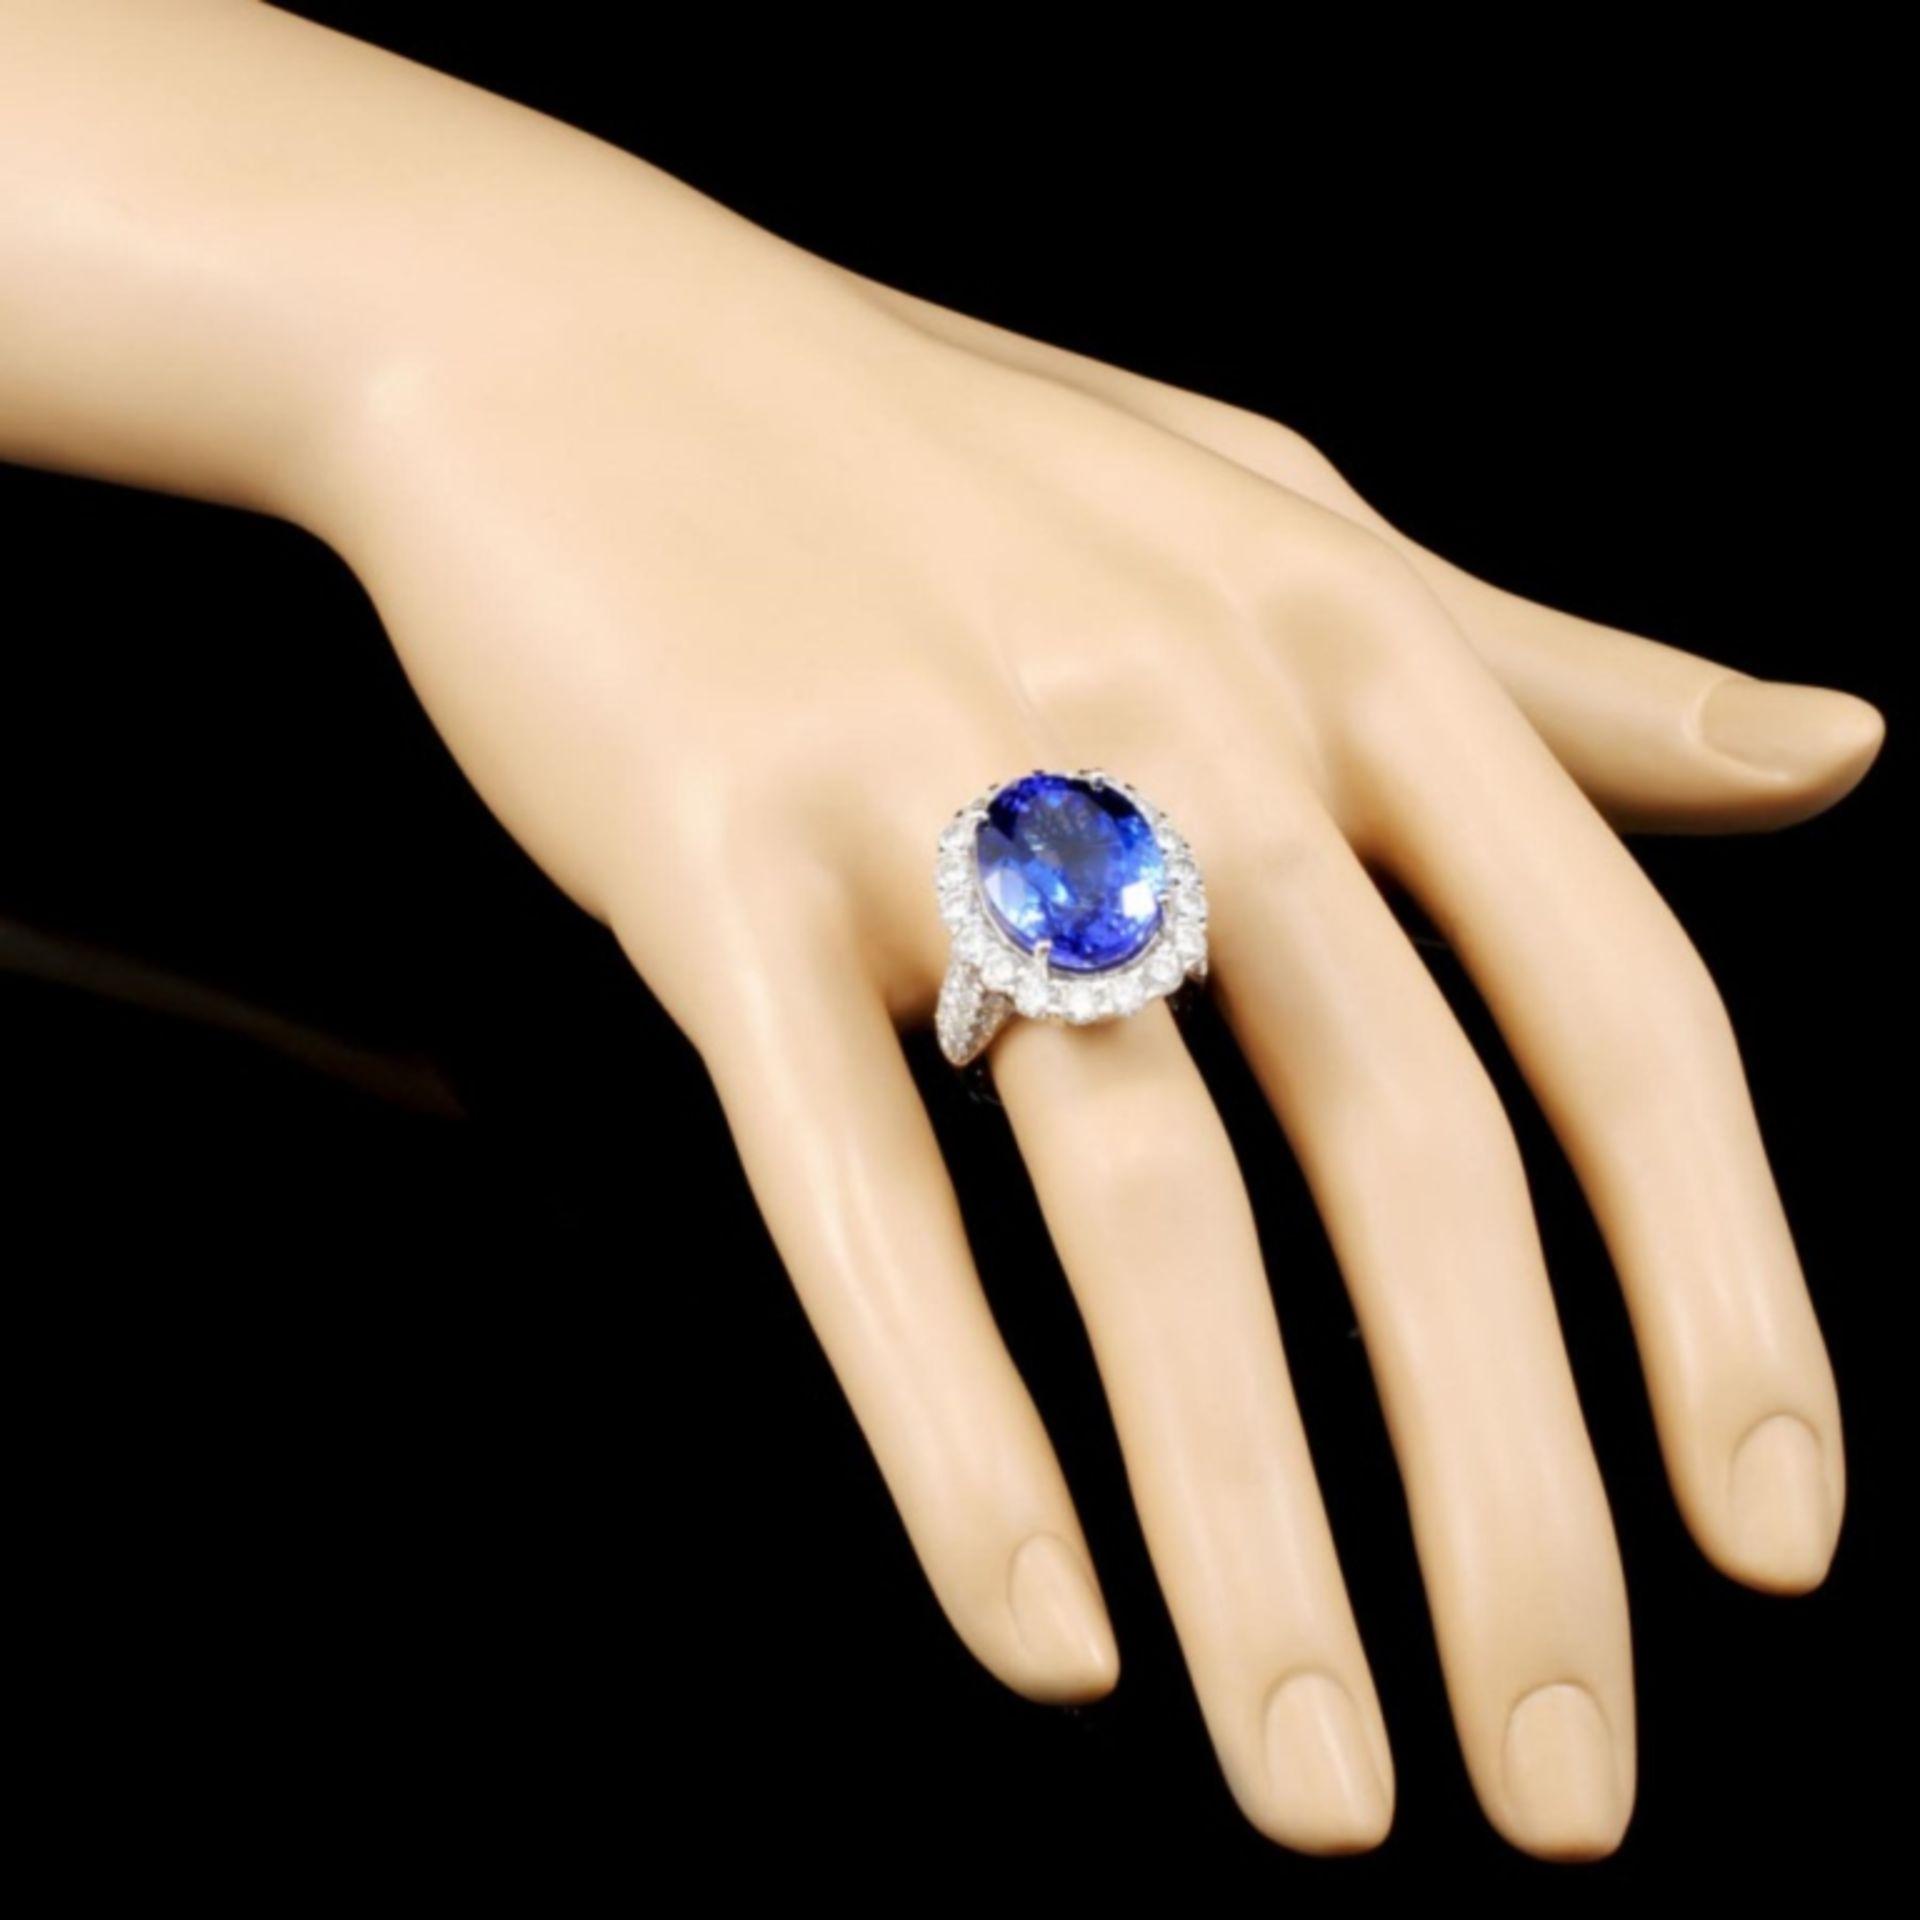 18K Gold 16.11ct Tanzanite & 3.06ctw Diamond Ring - Image 3 of 5